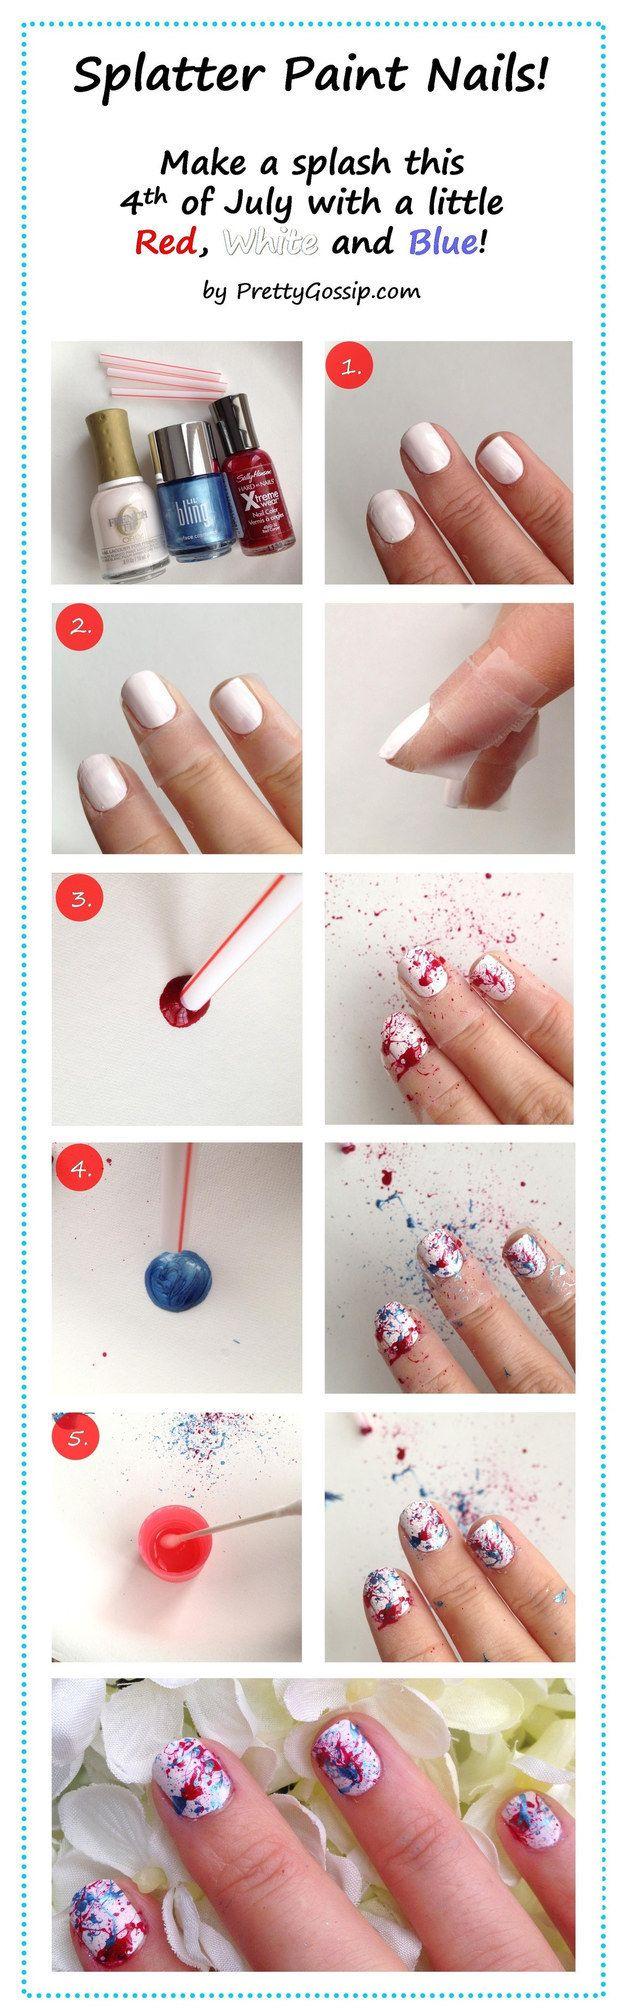 Para este acabado manchado, literalmente salpica algo de esmalte… | 27 ideas de arte en uñas para chicas perezosas que, en realidad, son sencillas